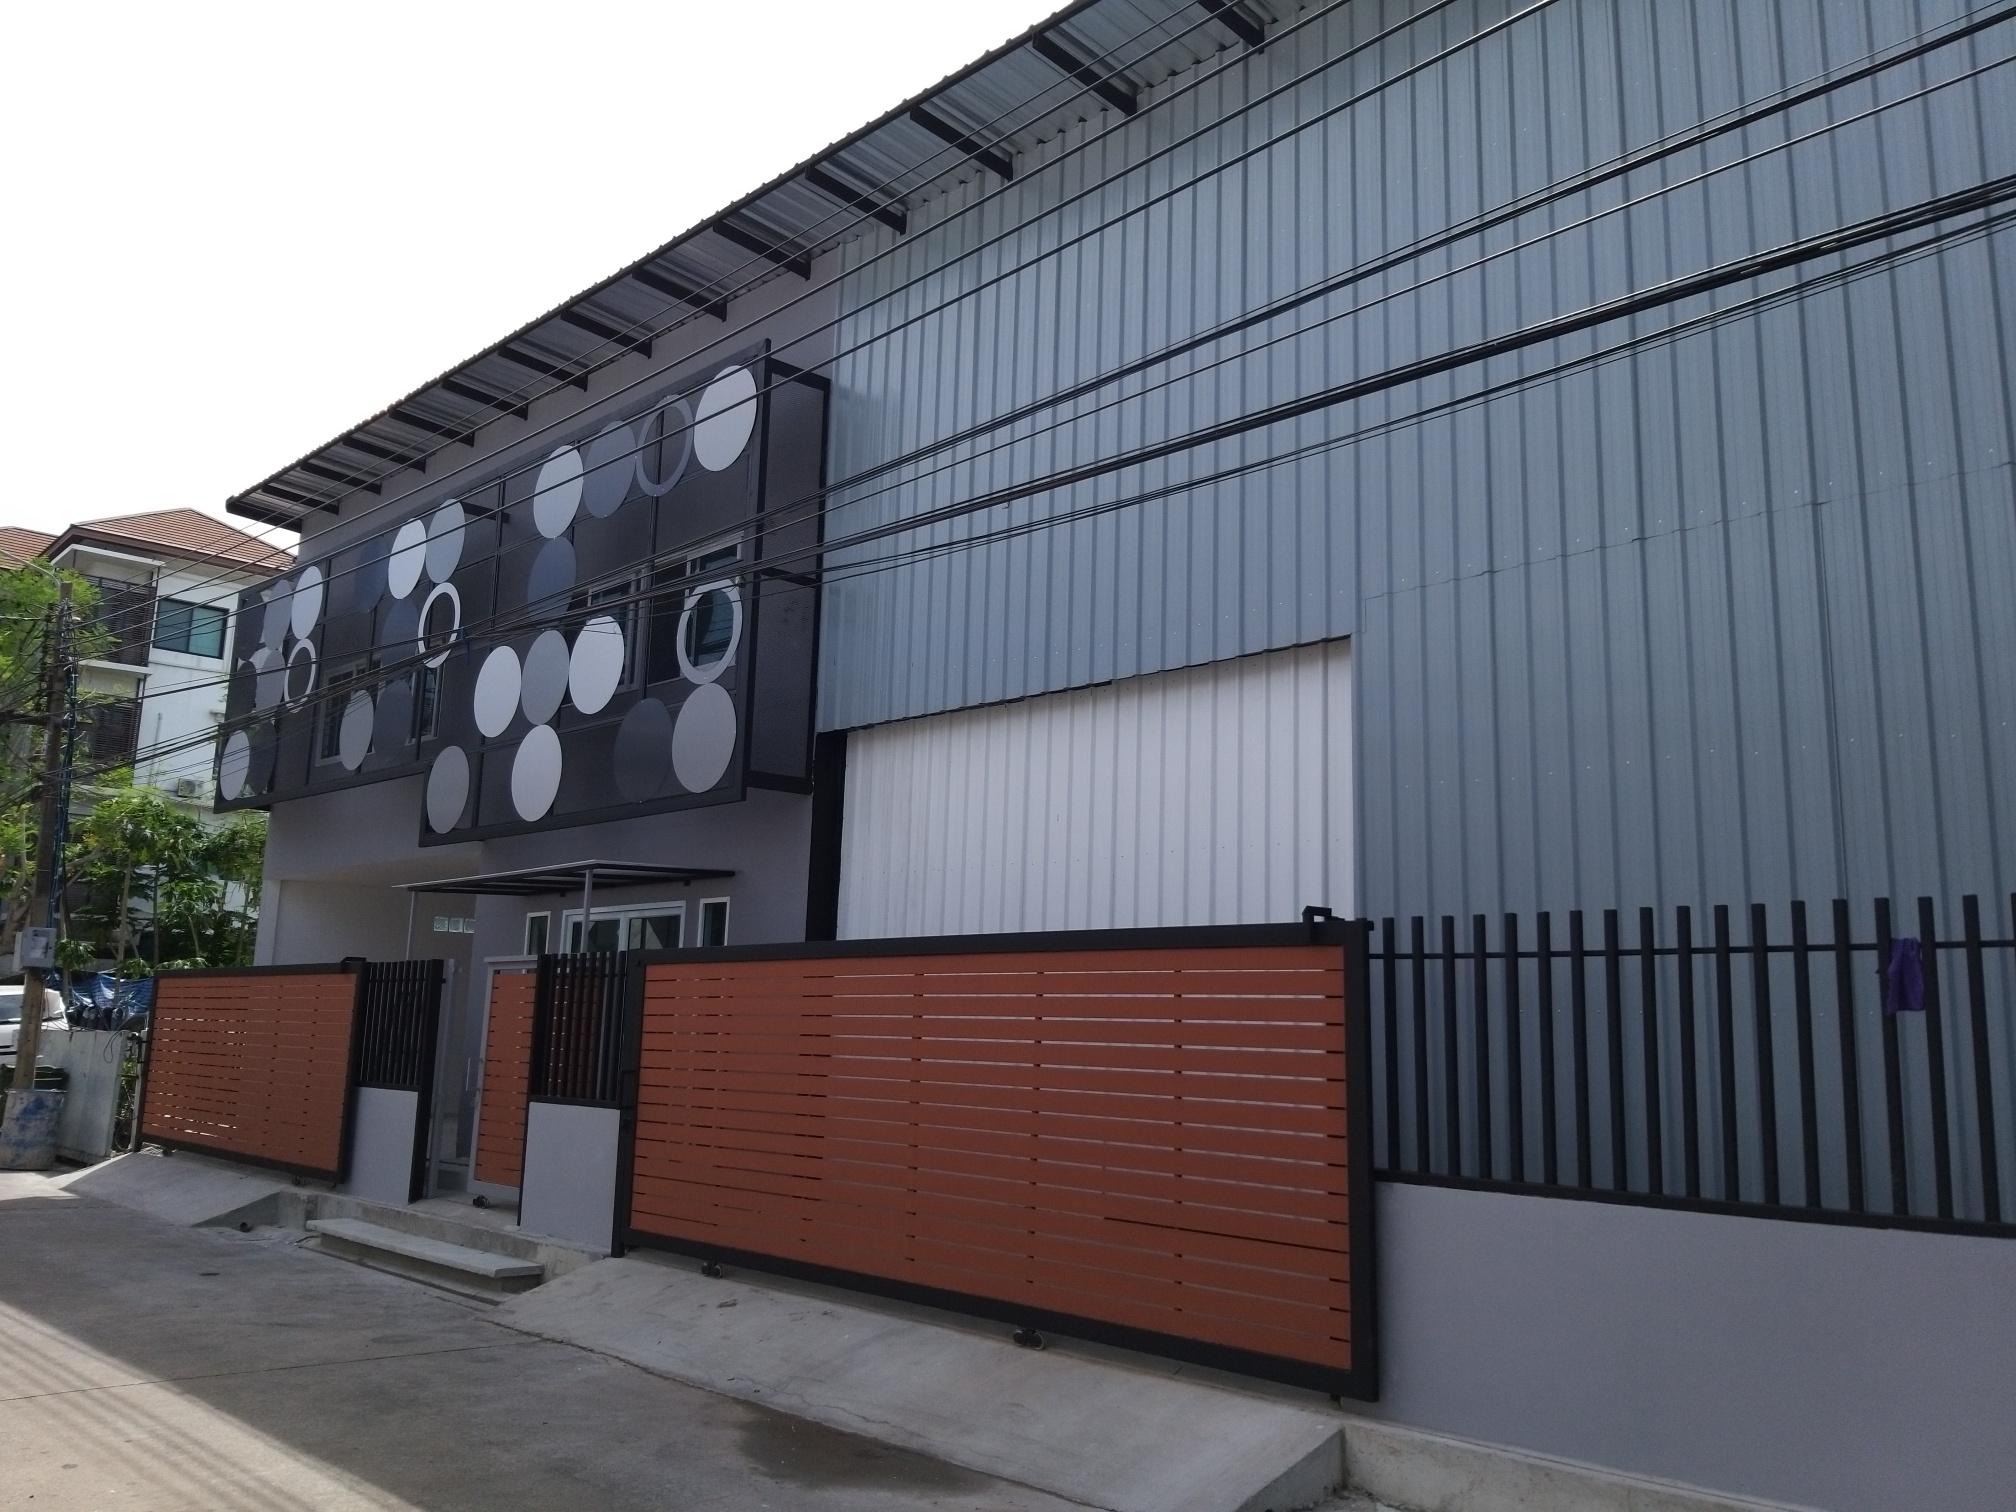 ให้เช่าโกดังพร้อมอาคารสำนักงาน ที่ซอยรามคำแหง กรุงเทพมหานคร